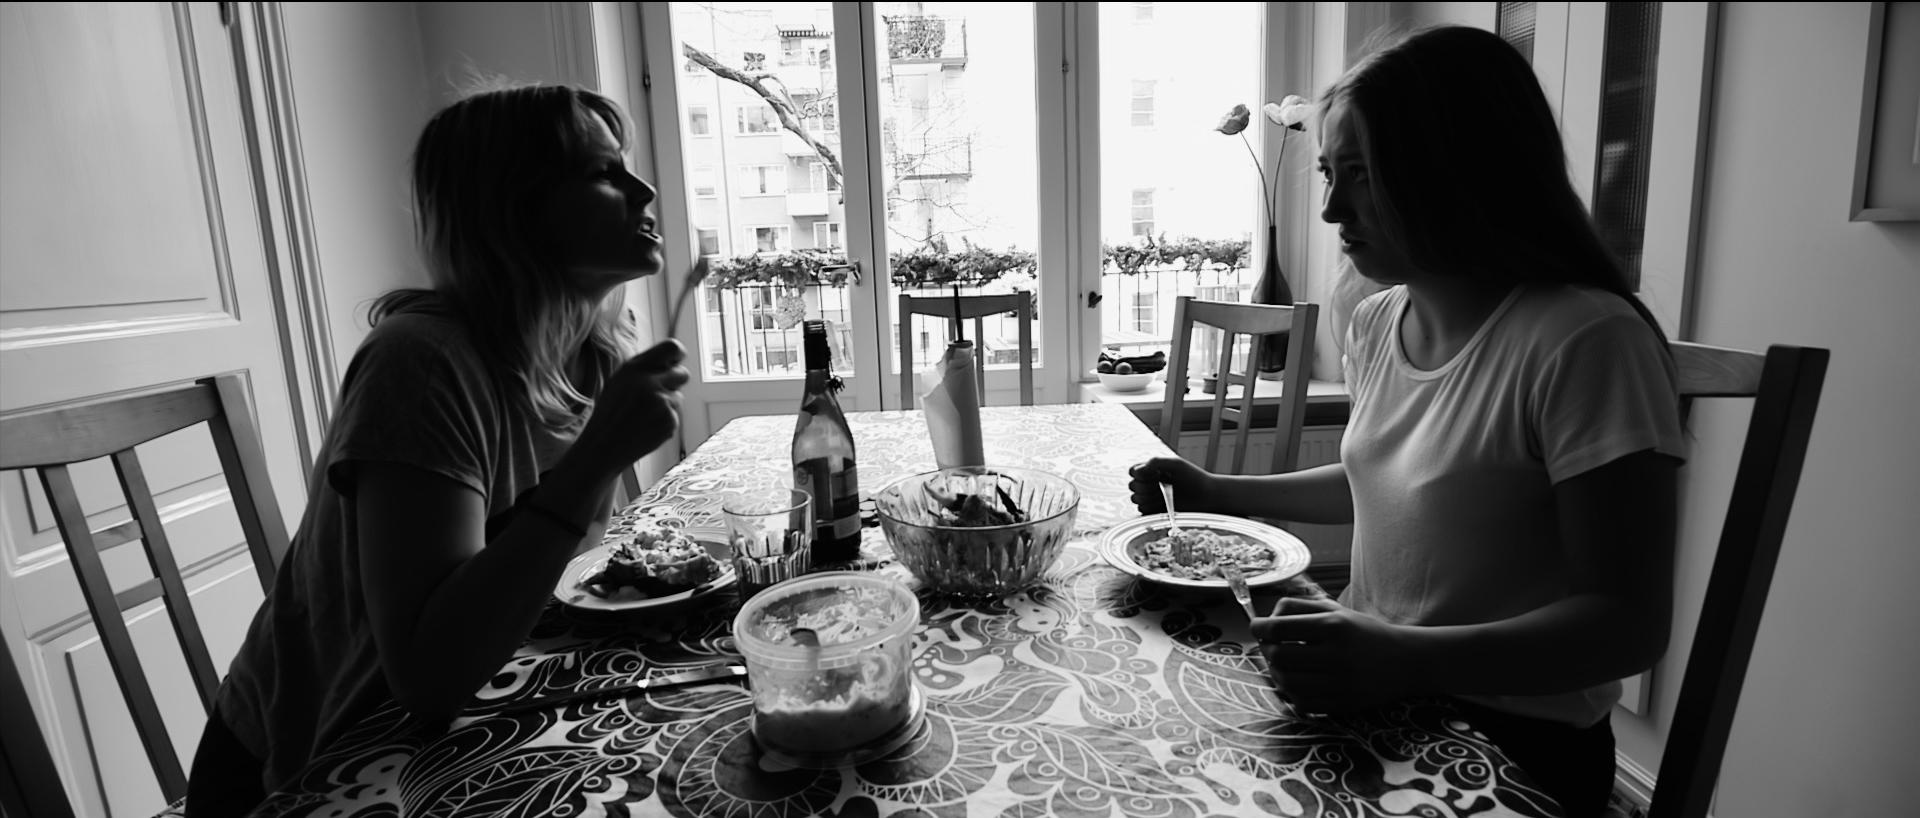 Fate film - Sarah Marklund - Ödet film